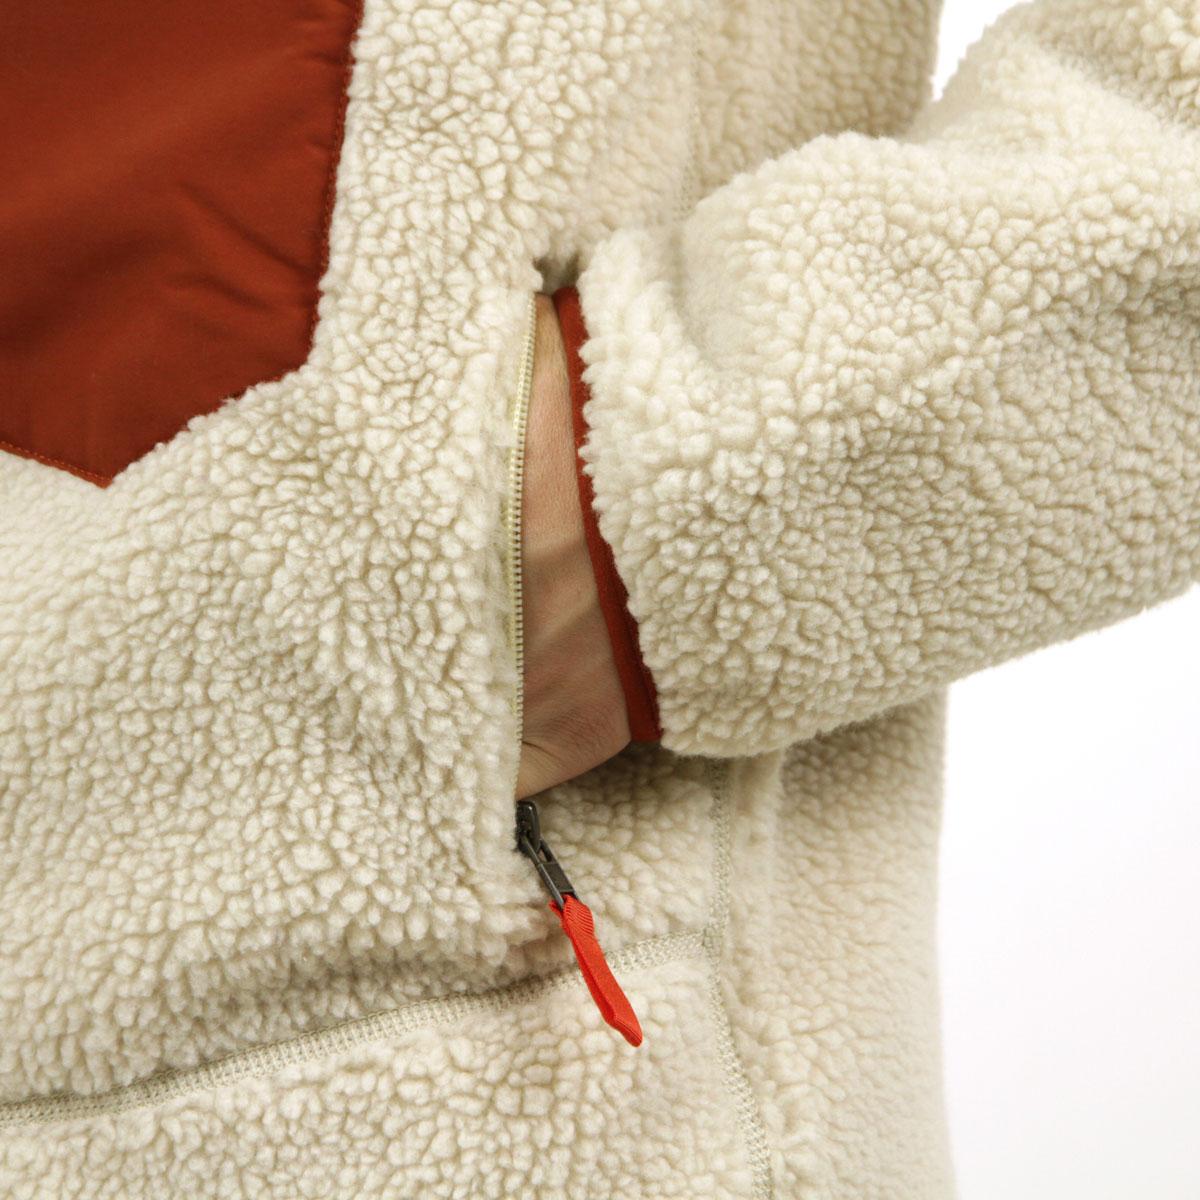 パタゴニア ジャケット メンズ 正規品 patagonia レトロX ボアジャケット MEN'S CLASSIC RETRO-X FLEECE JACKET NATURAL W/BARN RED 23056 A53B B1C C1D D4E E18F